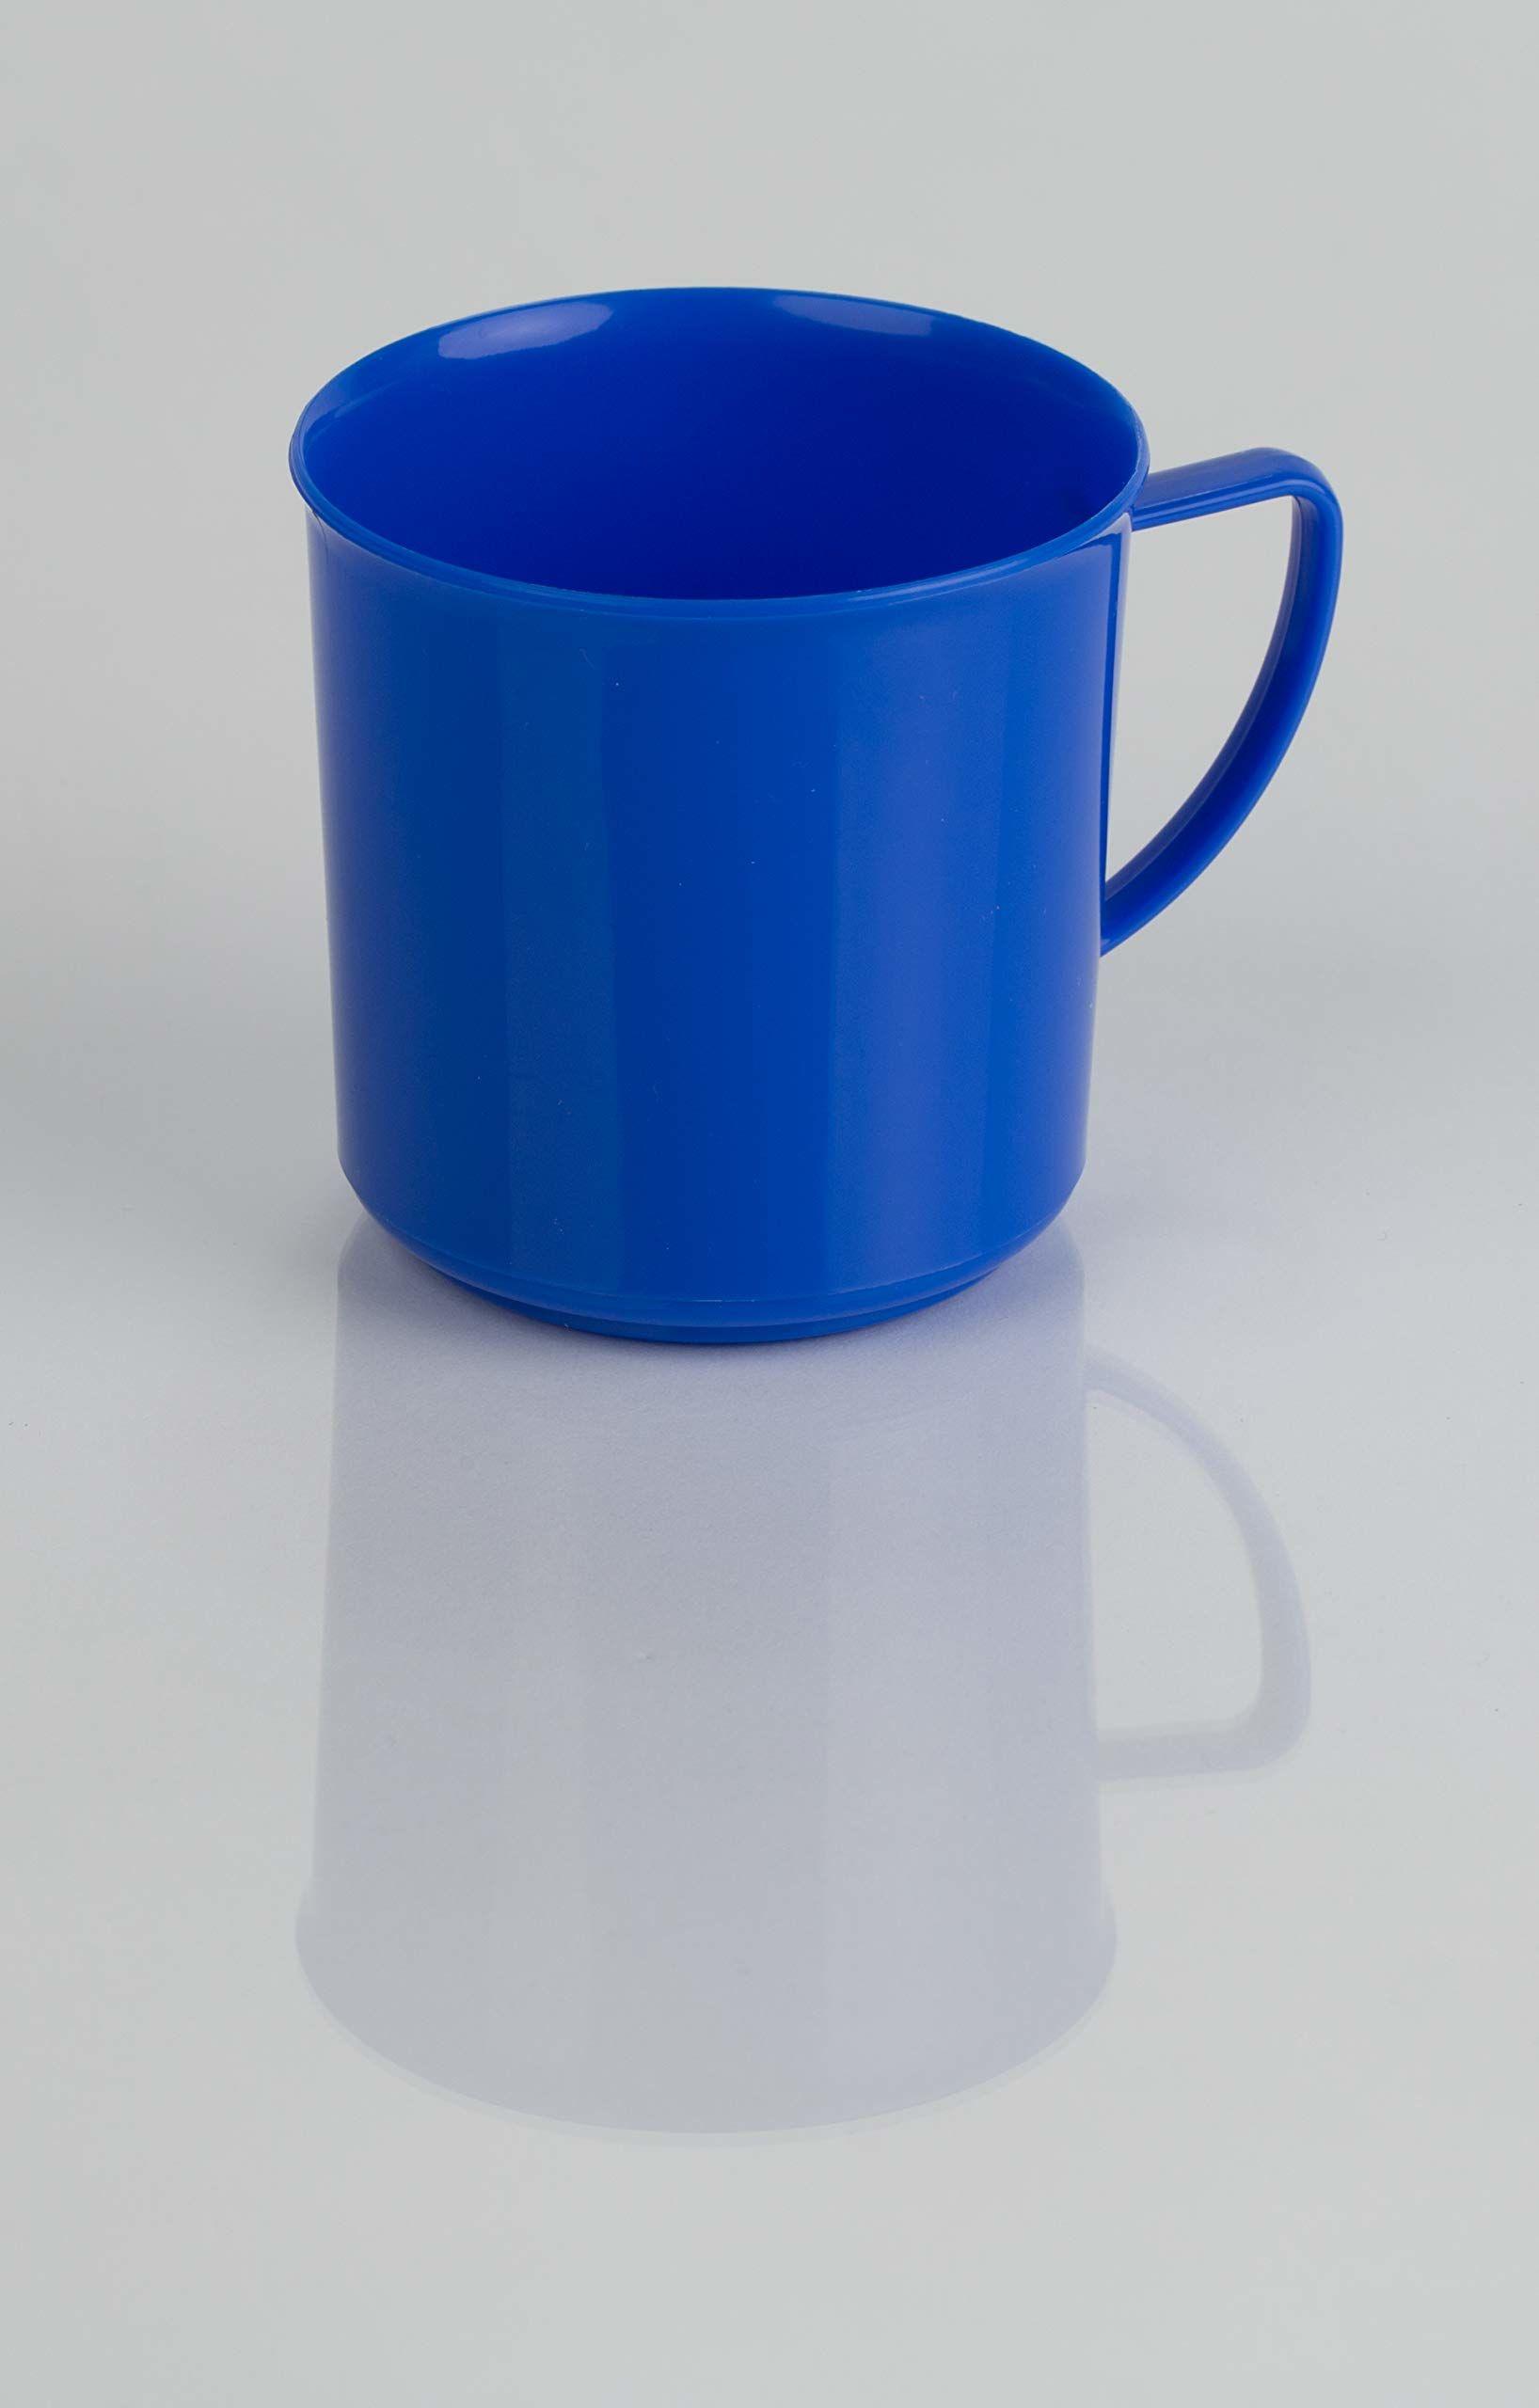 Kimmel kubek z uchem, filiżanka do herbaty, kubek do kawy, wielorazowy, odporny na pękanie, mały 180 ml, tworzywo sztuczne, niebieski